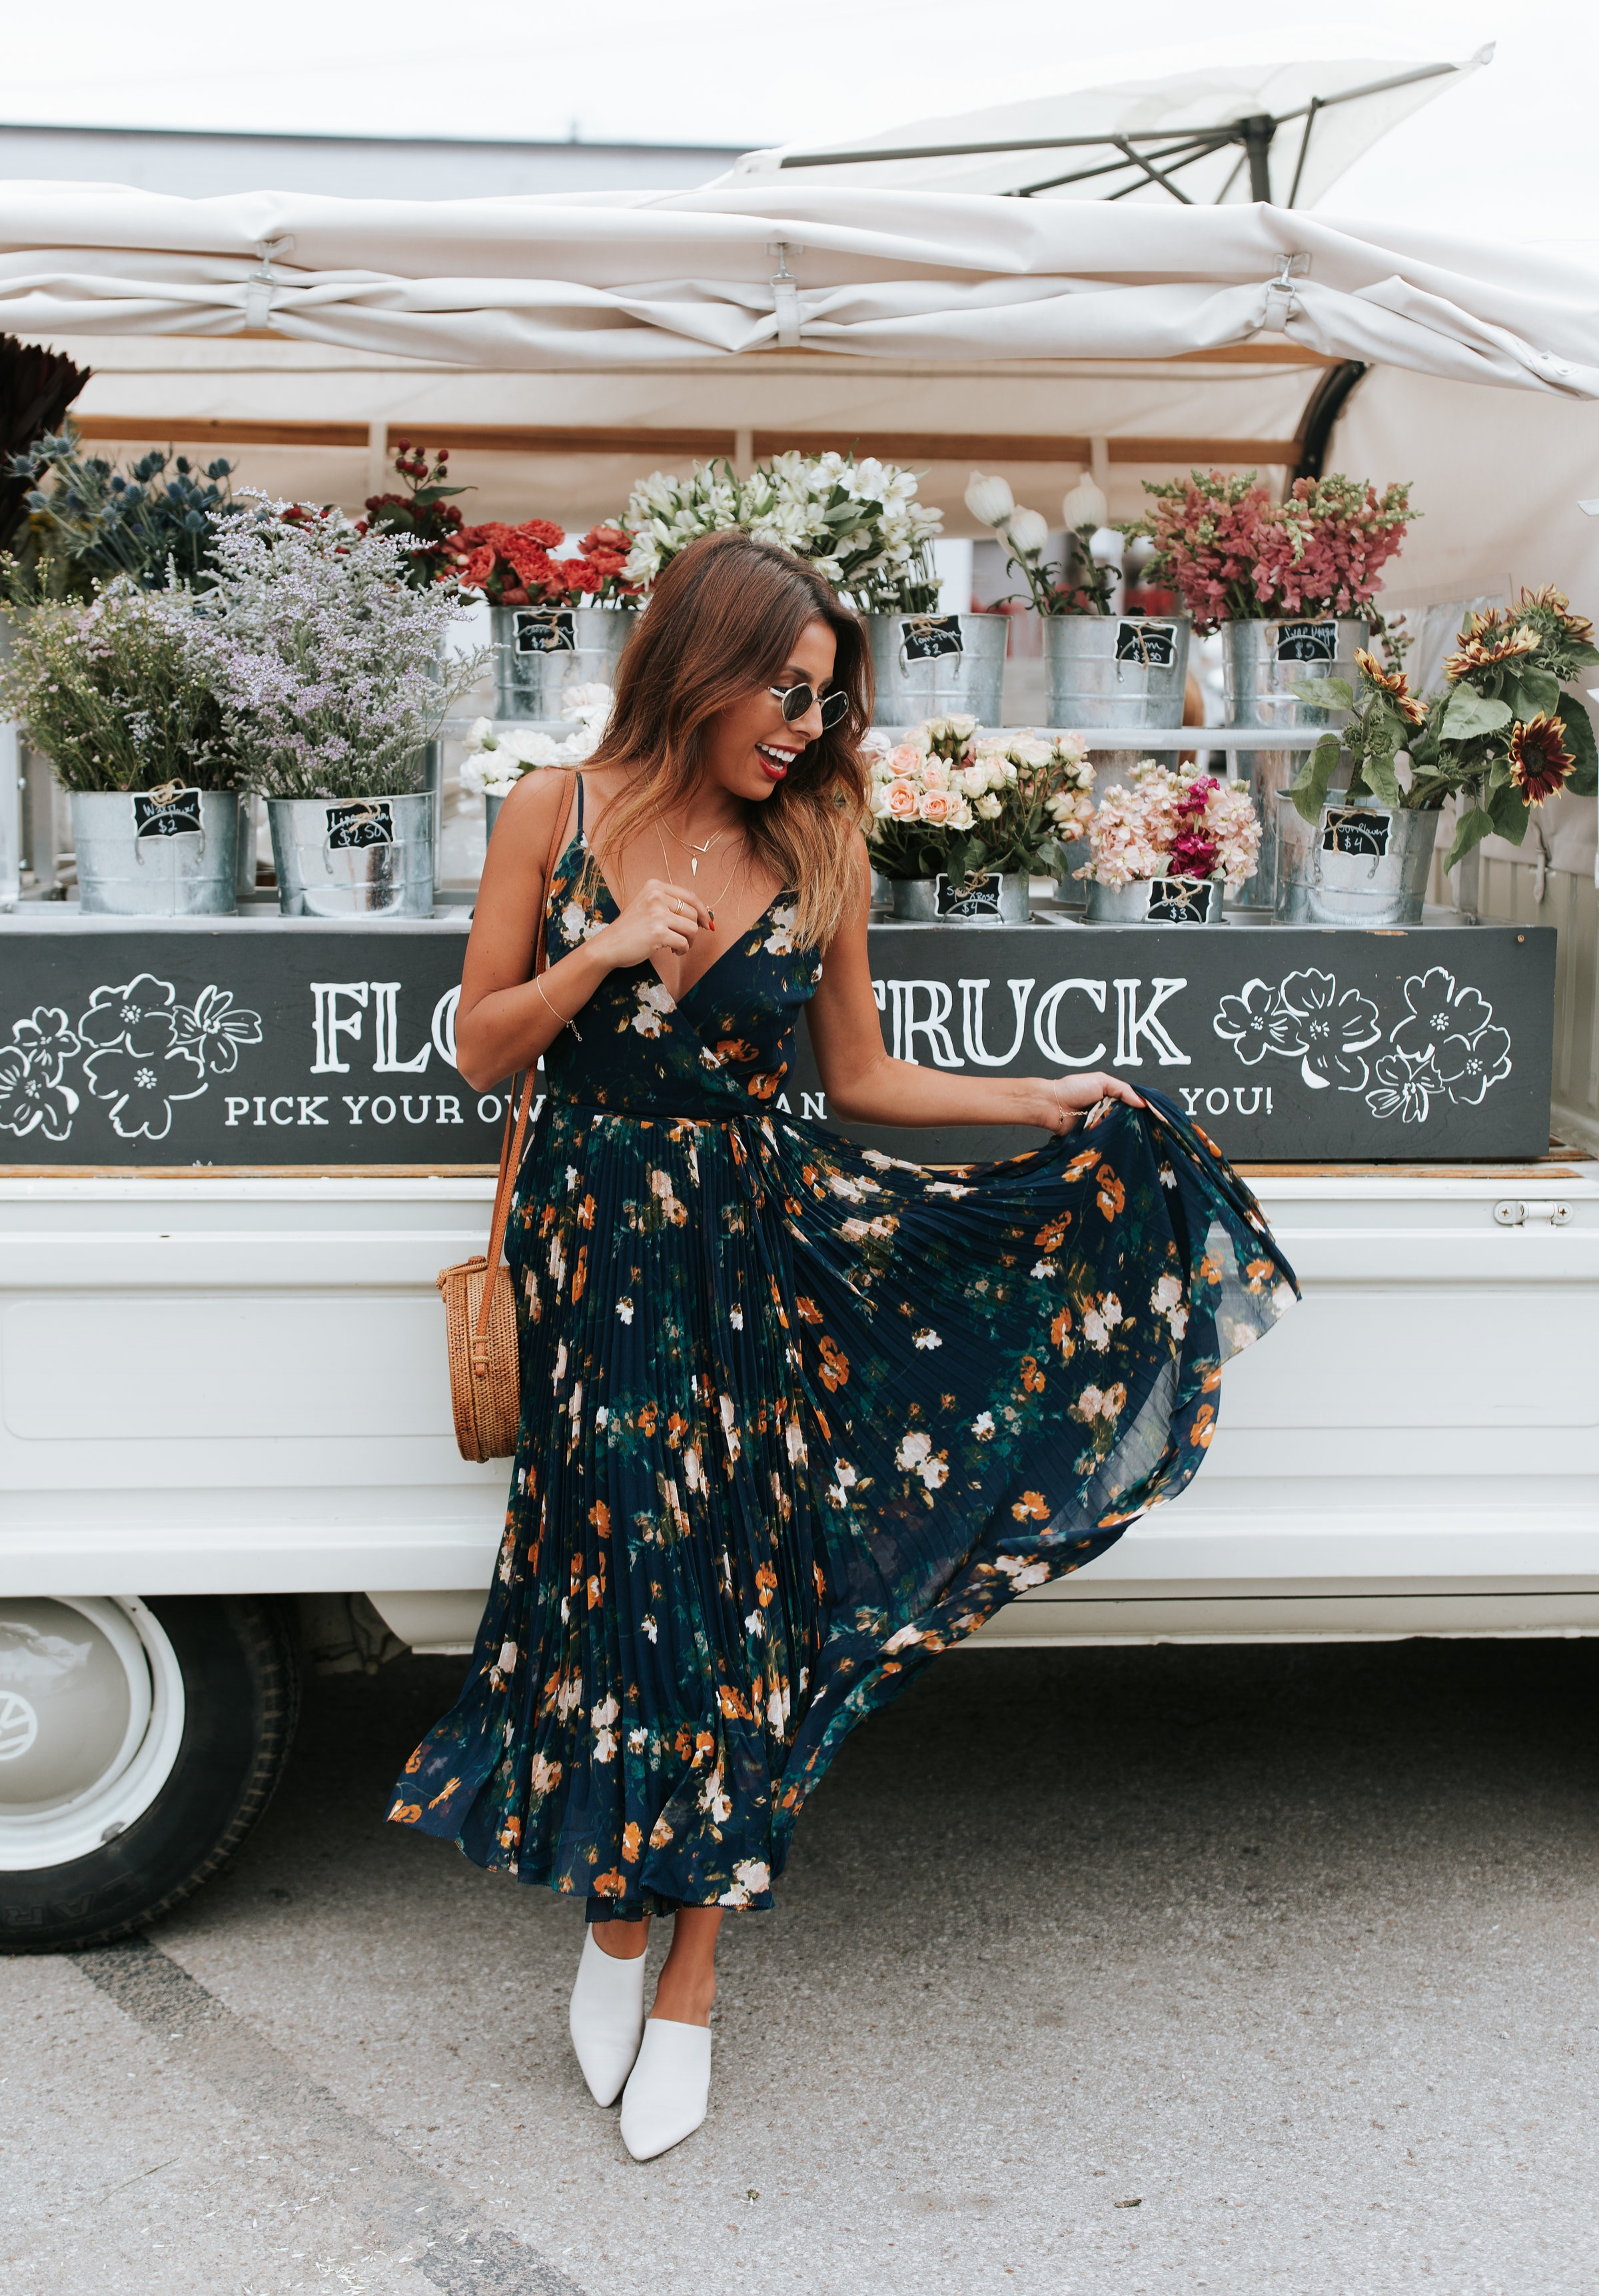 Flower Truck - Nashville